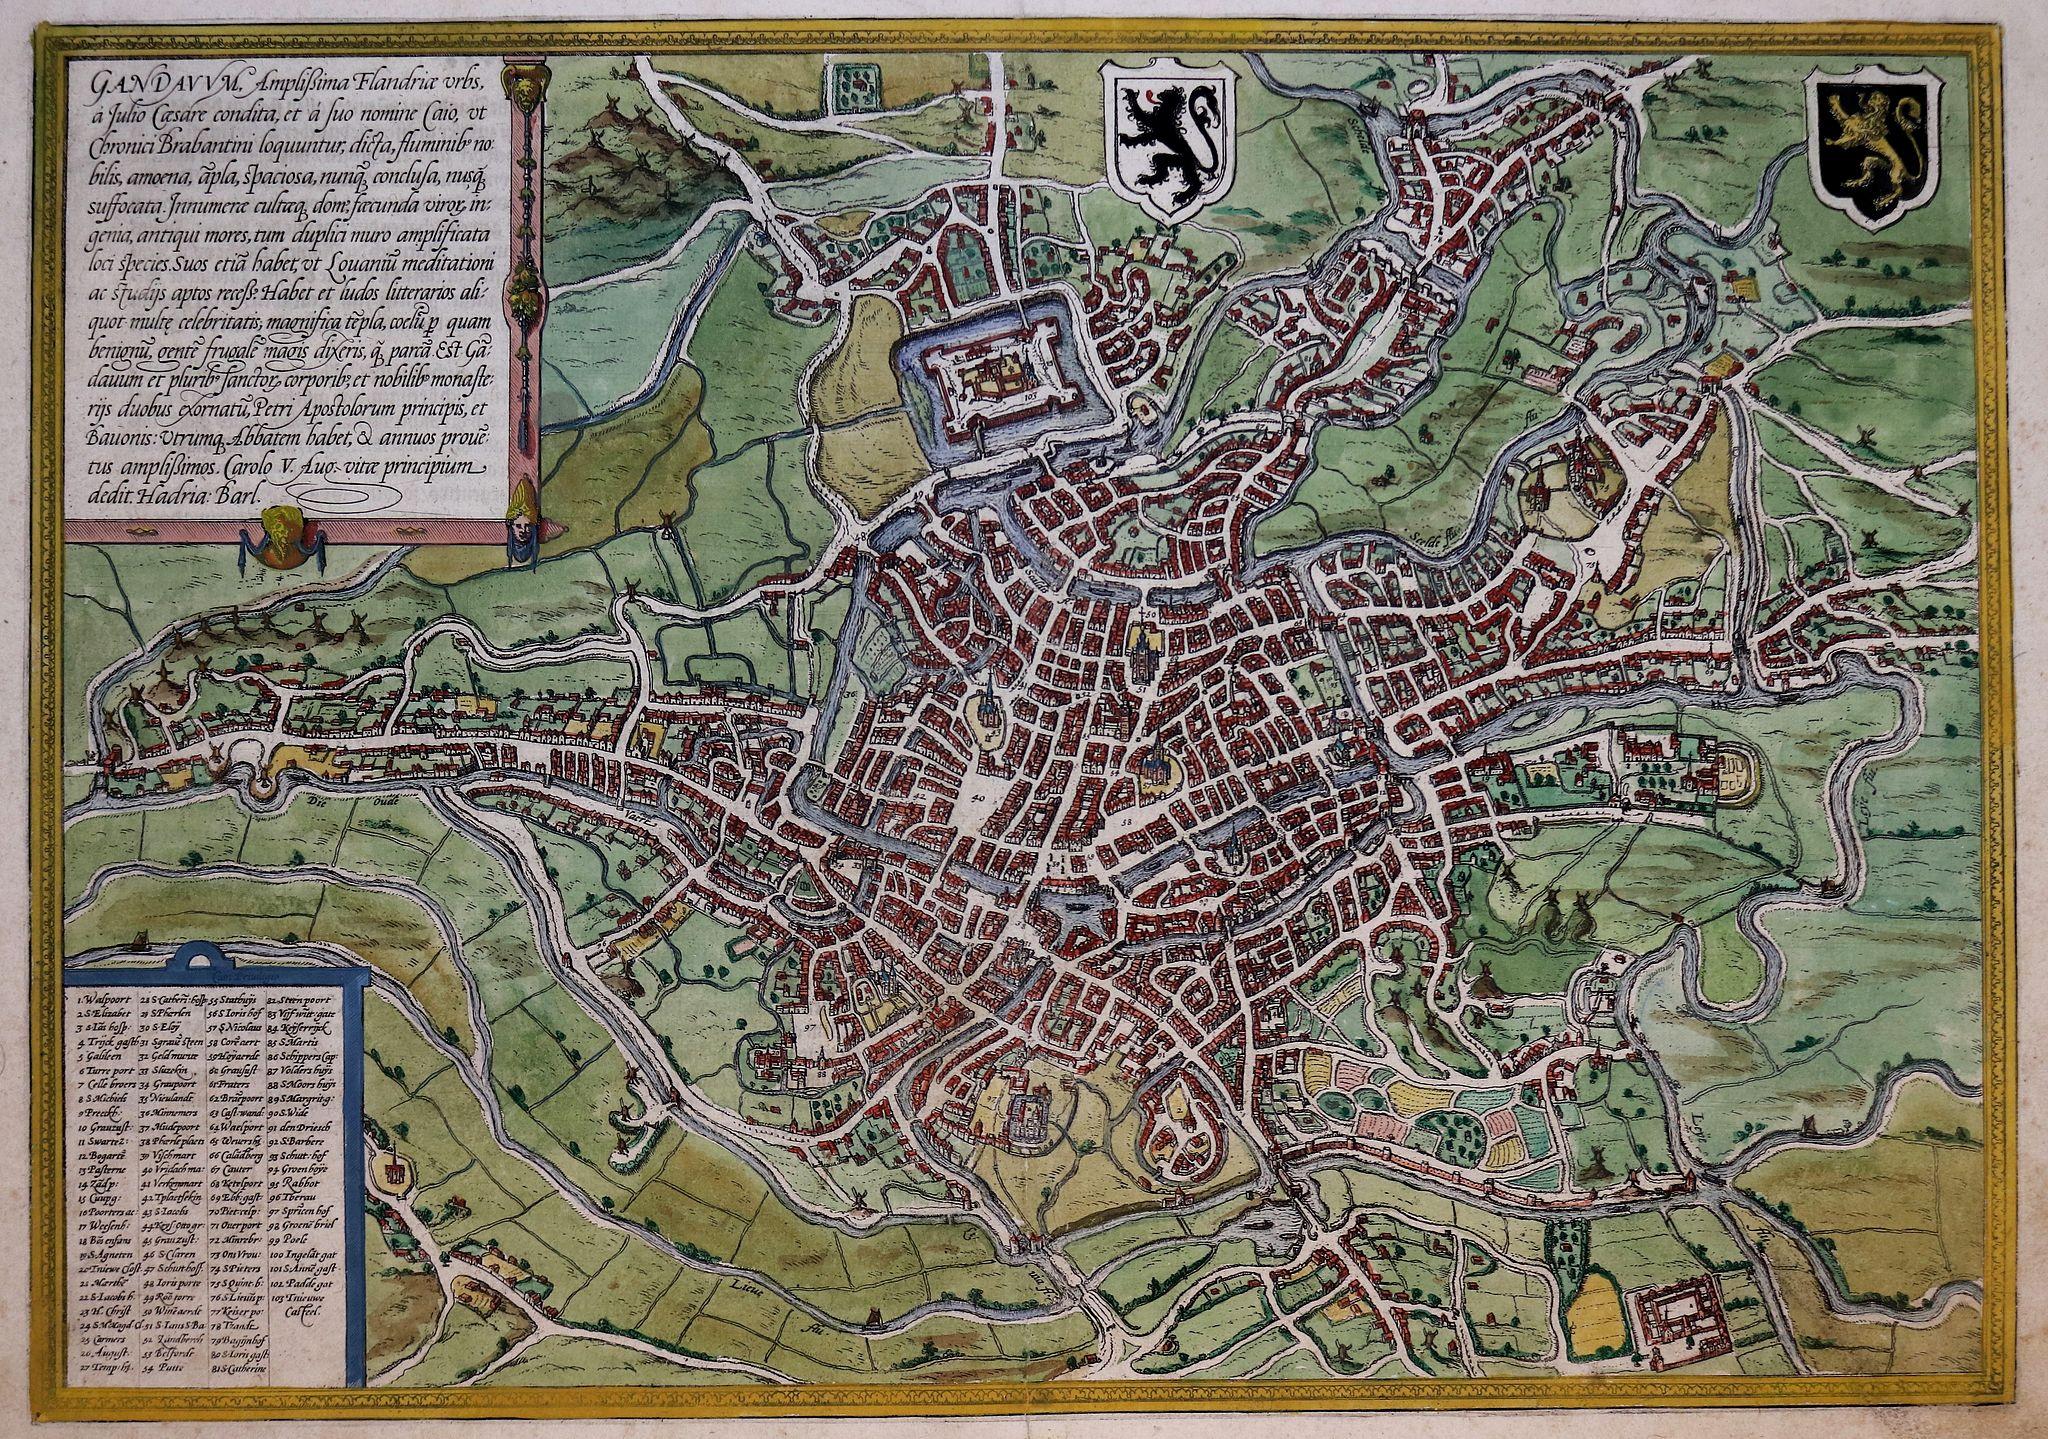 BRAUN,G. / HOGENBERG, F. - Gandavum  (Ghent)